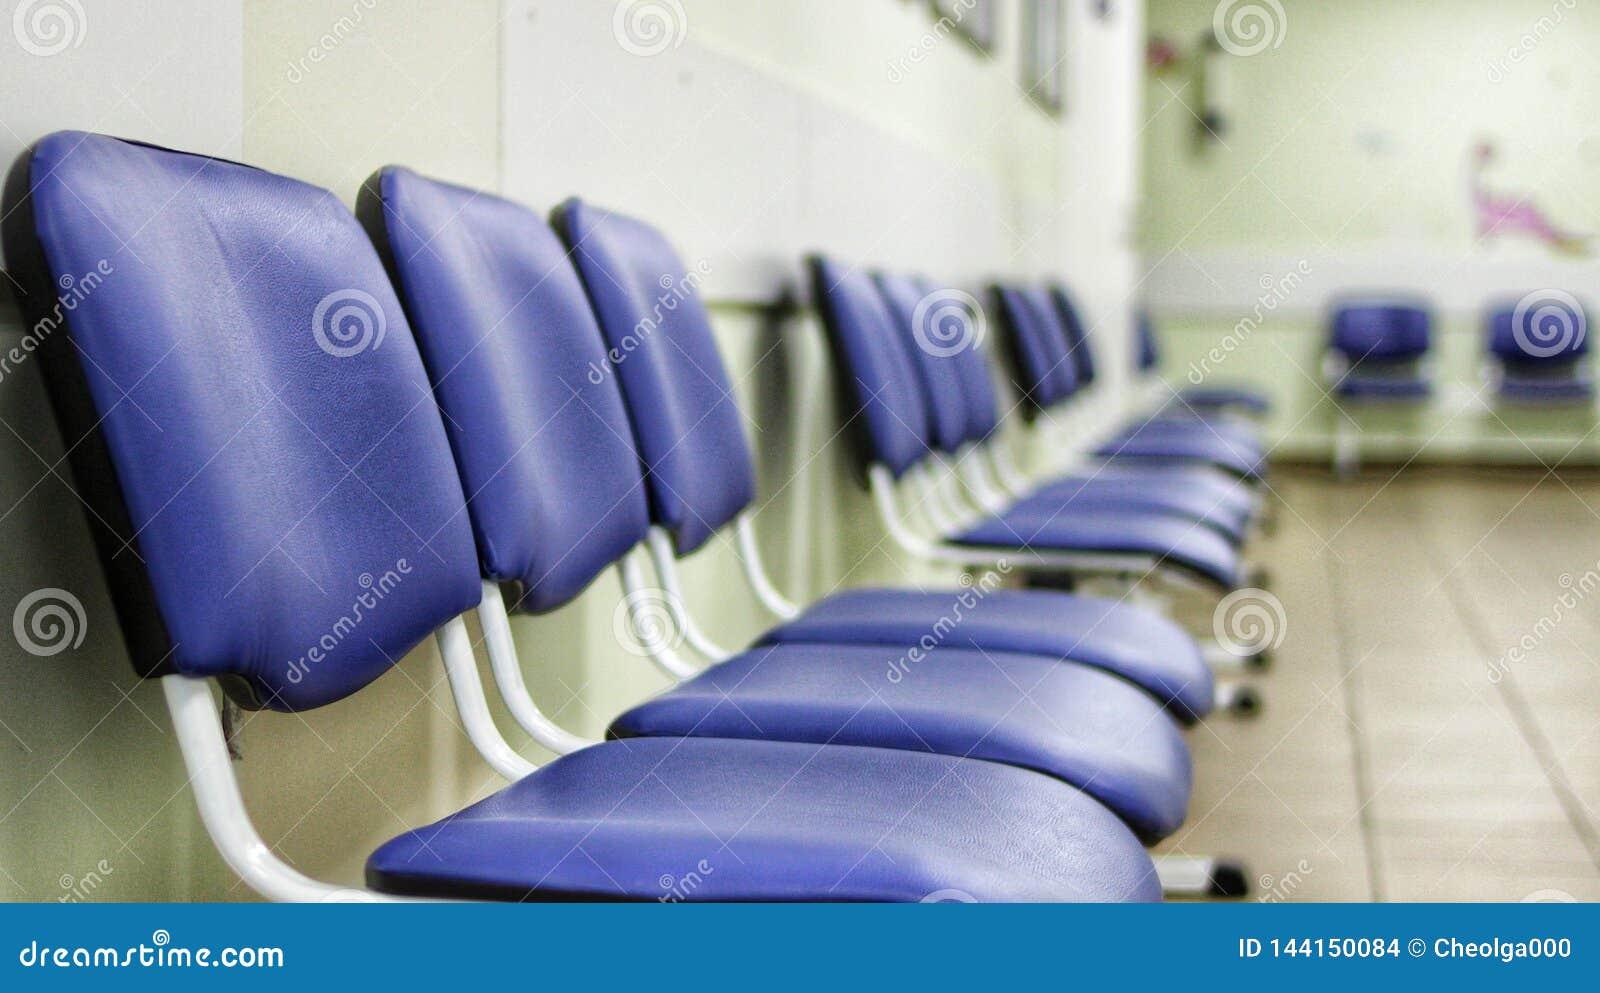 Un hall dans un hôpital, chaises pour des patients attendant pour voir un docteur, rangées des chaises bleues